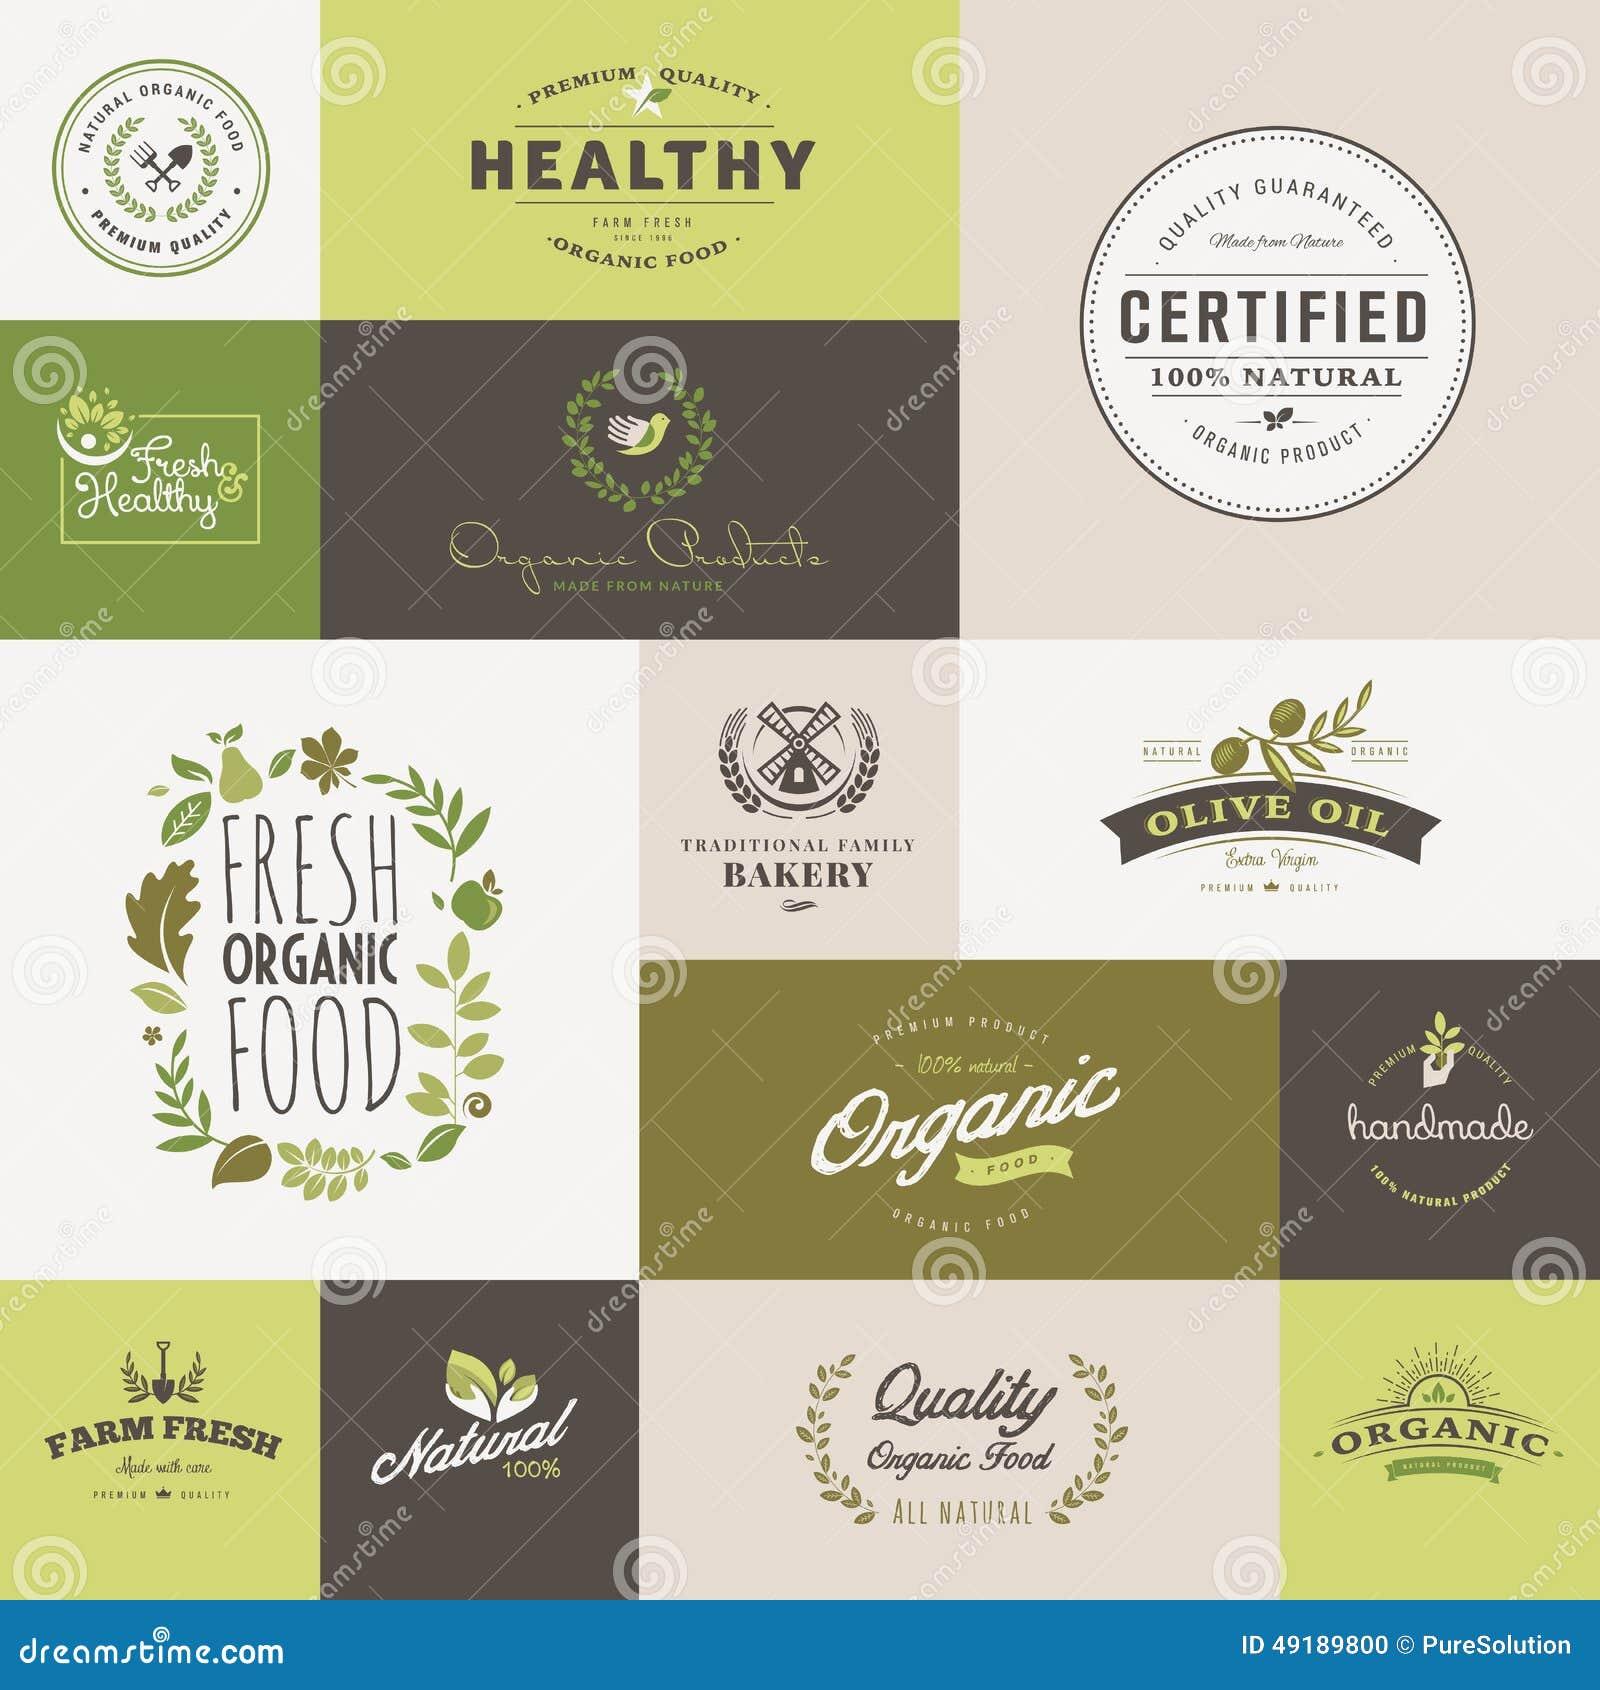 Σύνολο επίπεδων εικονιδίων σχεδίου για τη οργανική τροφή και το ποτό